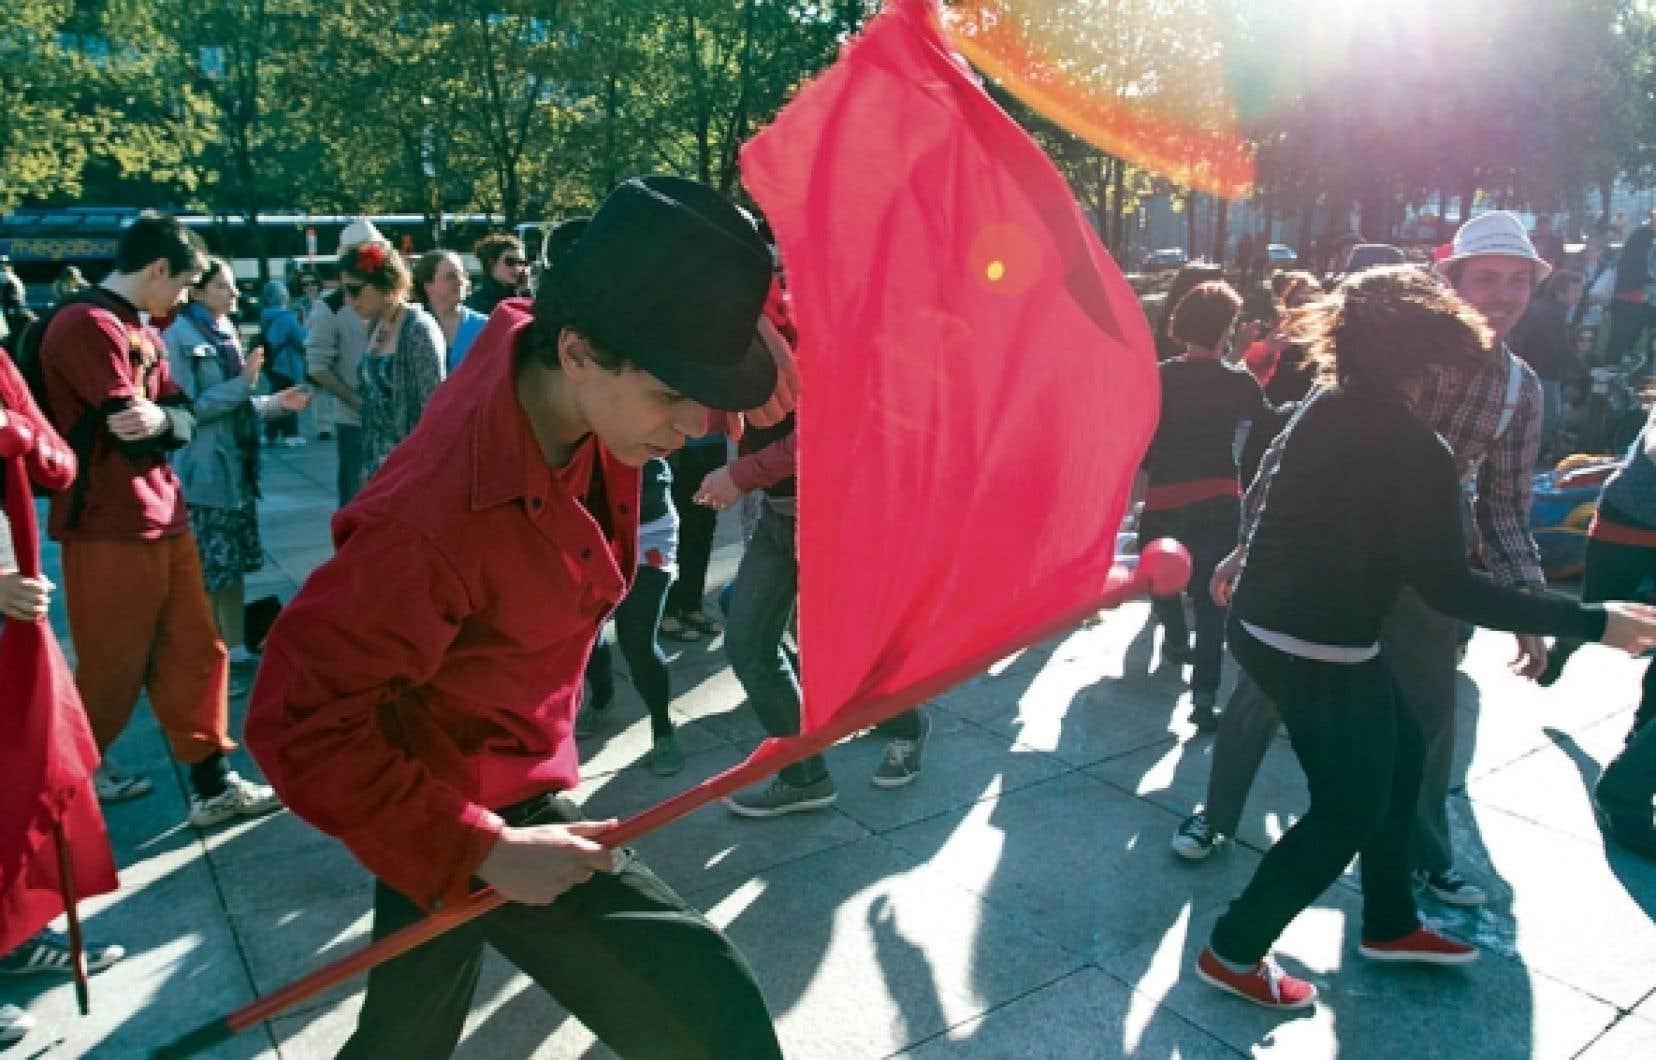 Si une certaine jeunesse conspue le « capitalisme » et ses profiteurs, les étudiants contestataires ne manquent pas de raisons de craindre pour l'avenir.